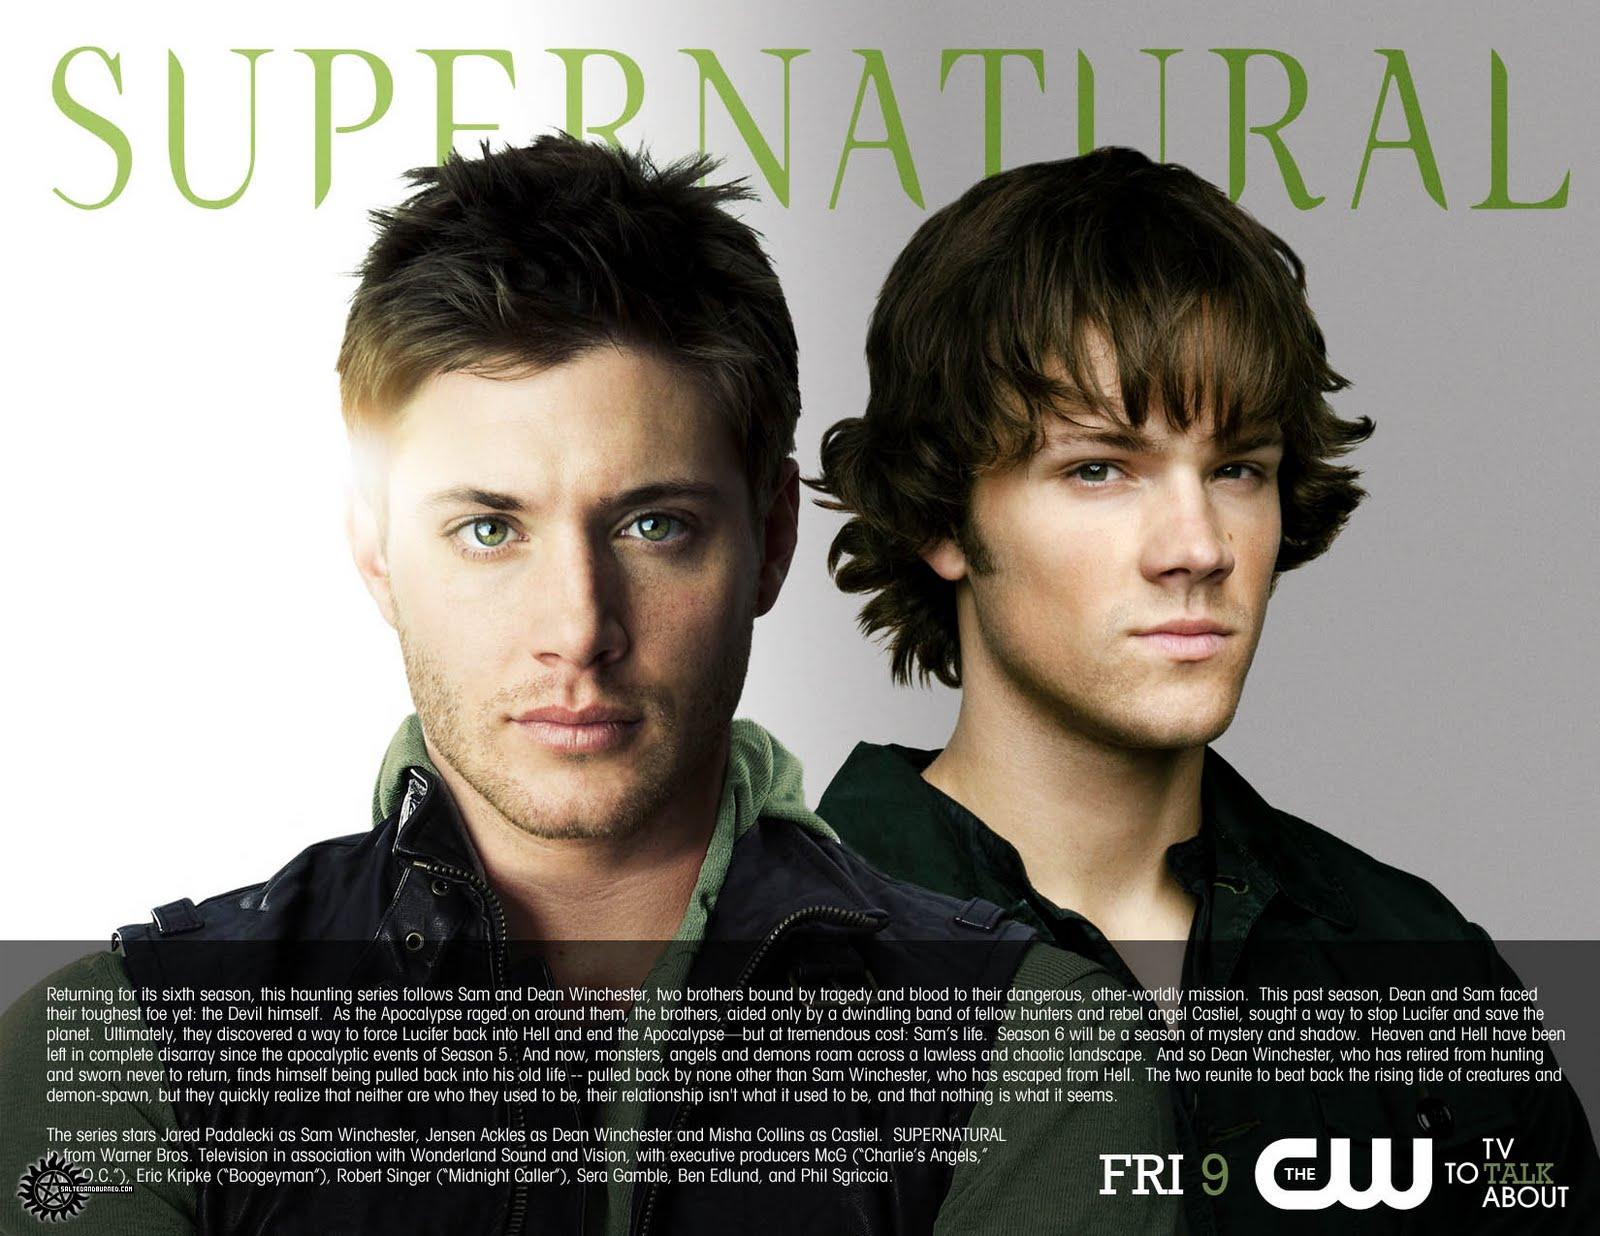 http://1.bp.blogspot.com/_eGVqObIT4bk/THlCABxNBlI/AAAAAAAAA8U/1vU9S-5f6w4/s1600/Supernatural.jpg